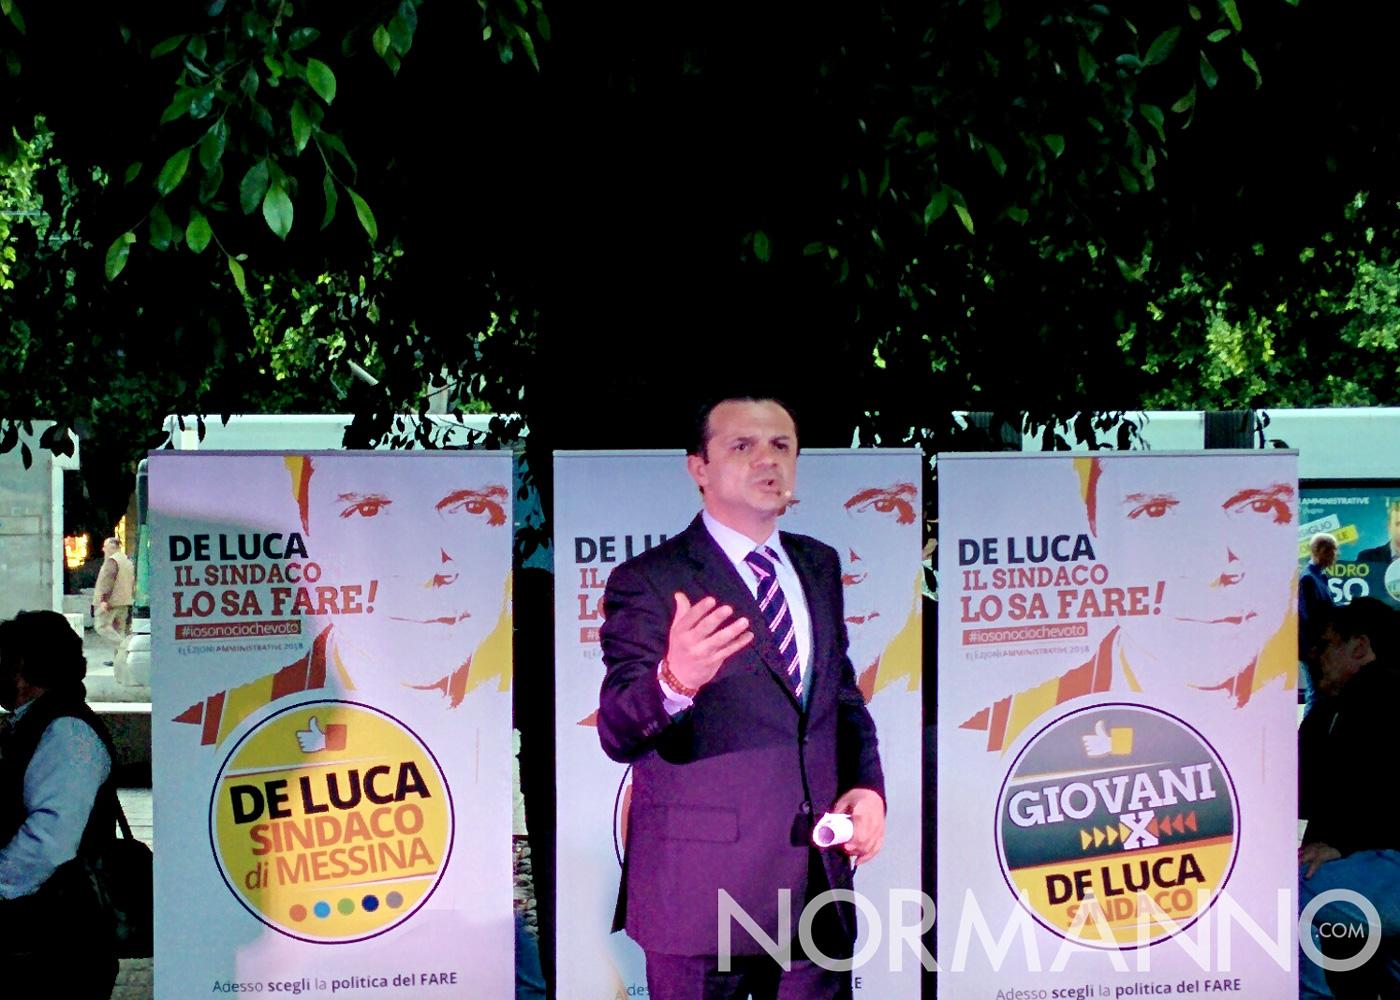 Foto di Cateno De Luca che presenta il suo programma elettorale per le elezioni Messina